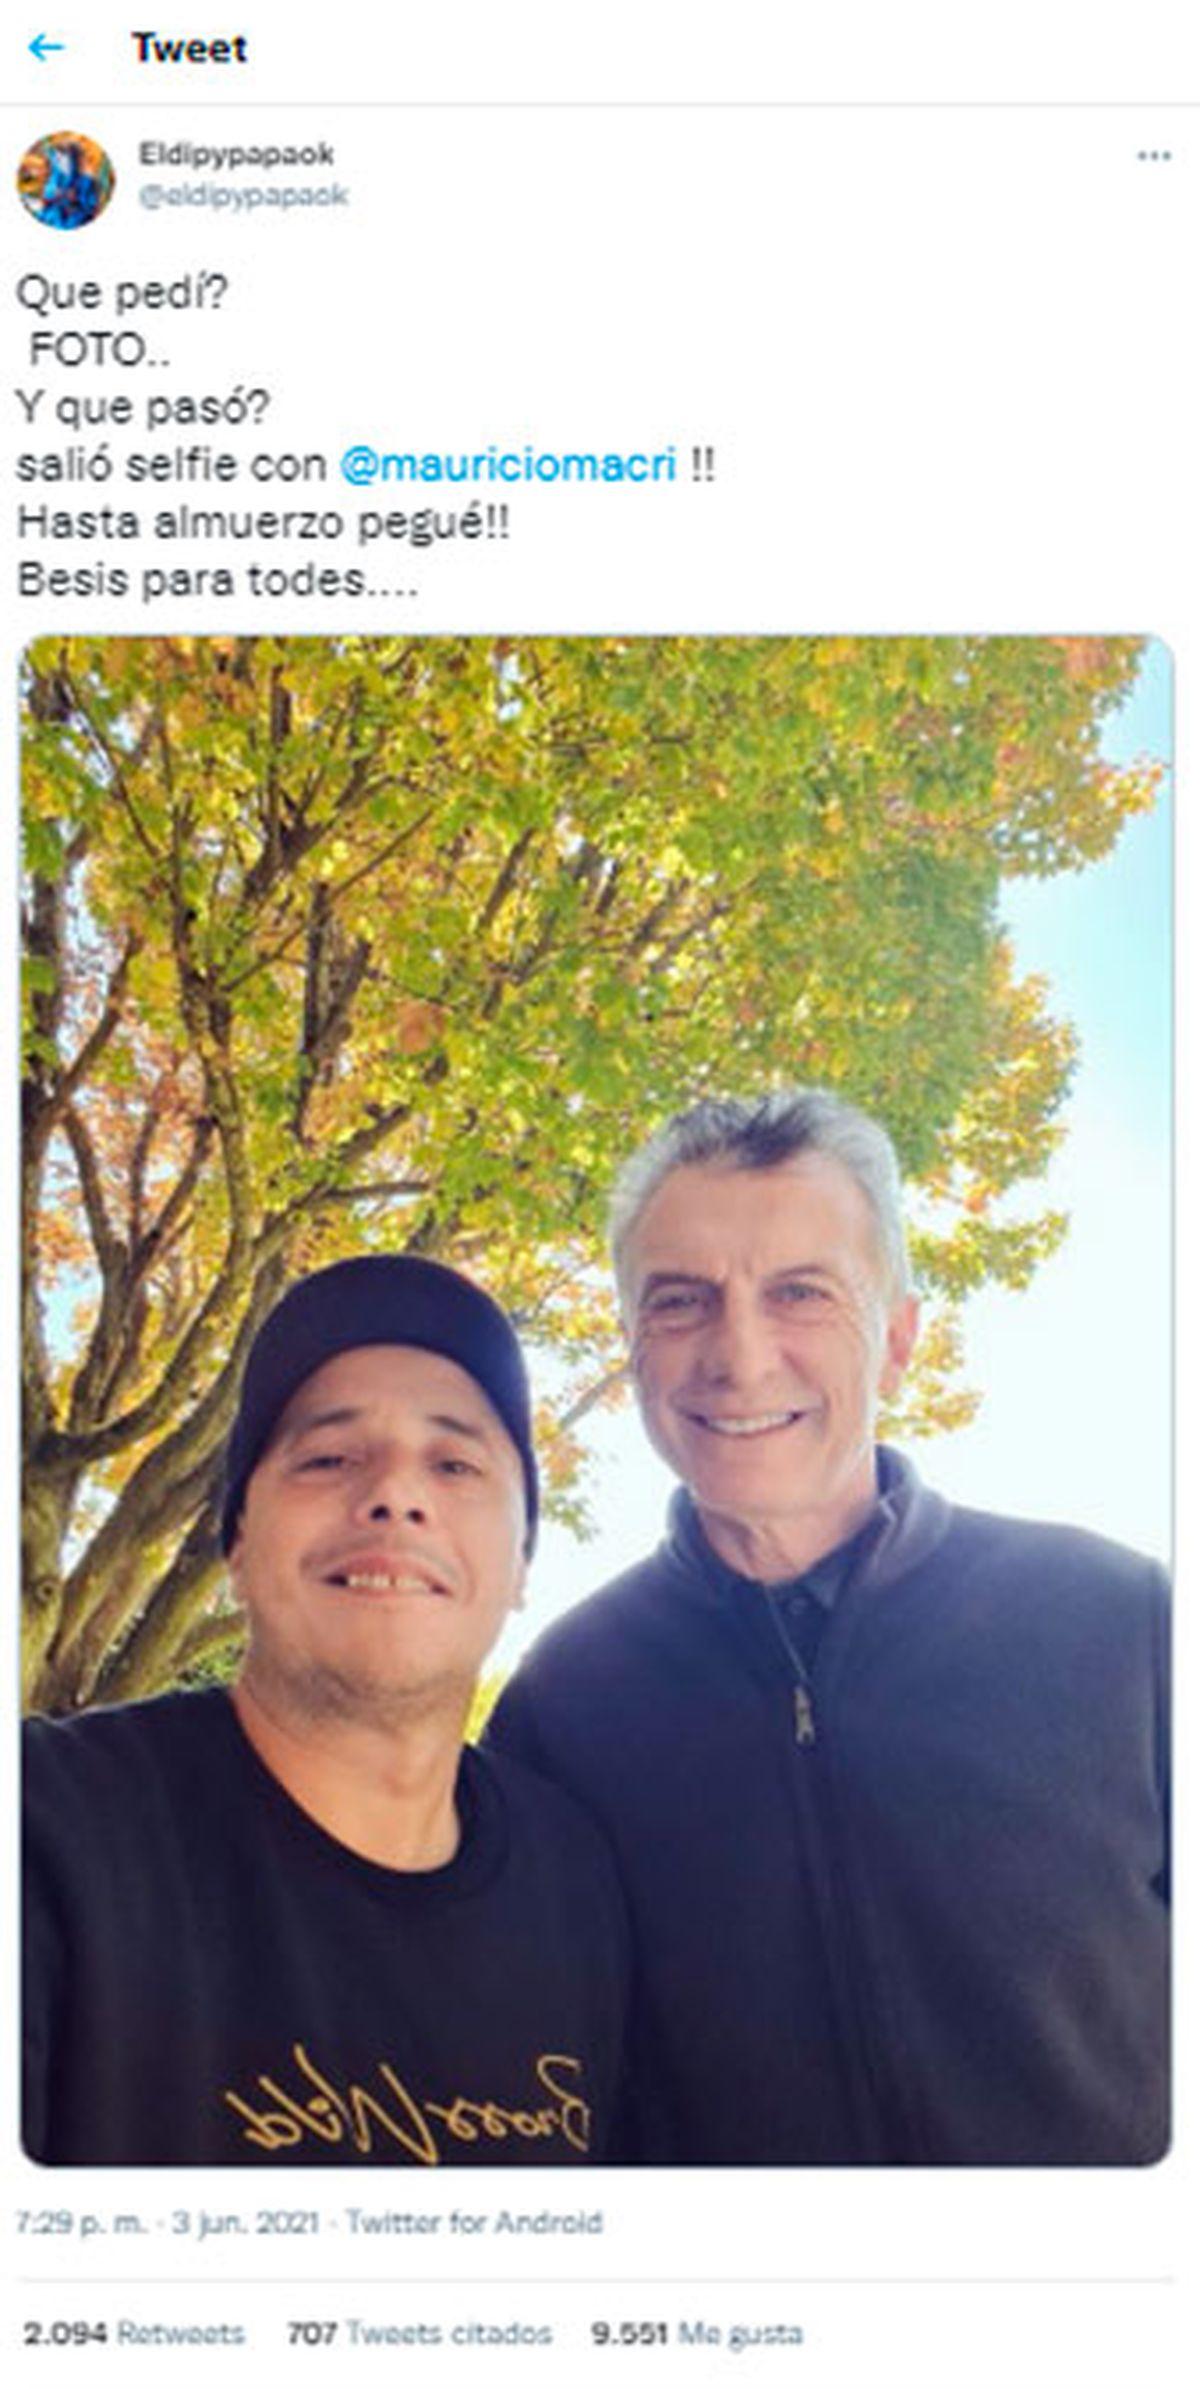 El Dipy se sacó la foto con Mauricio Macri y pegó almuerzo